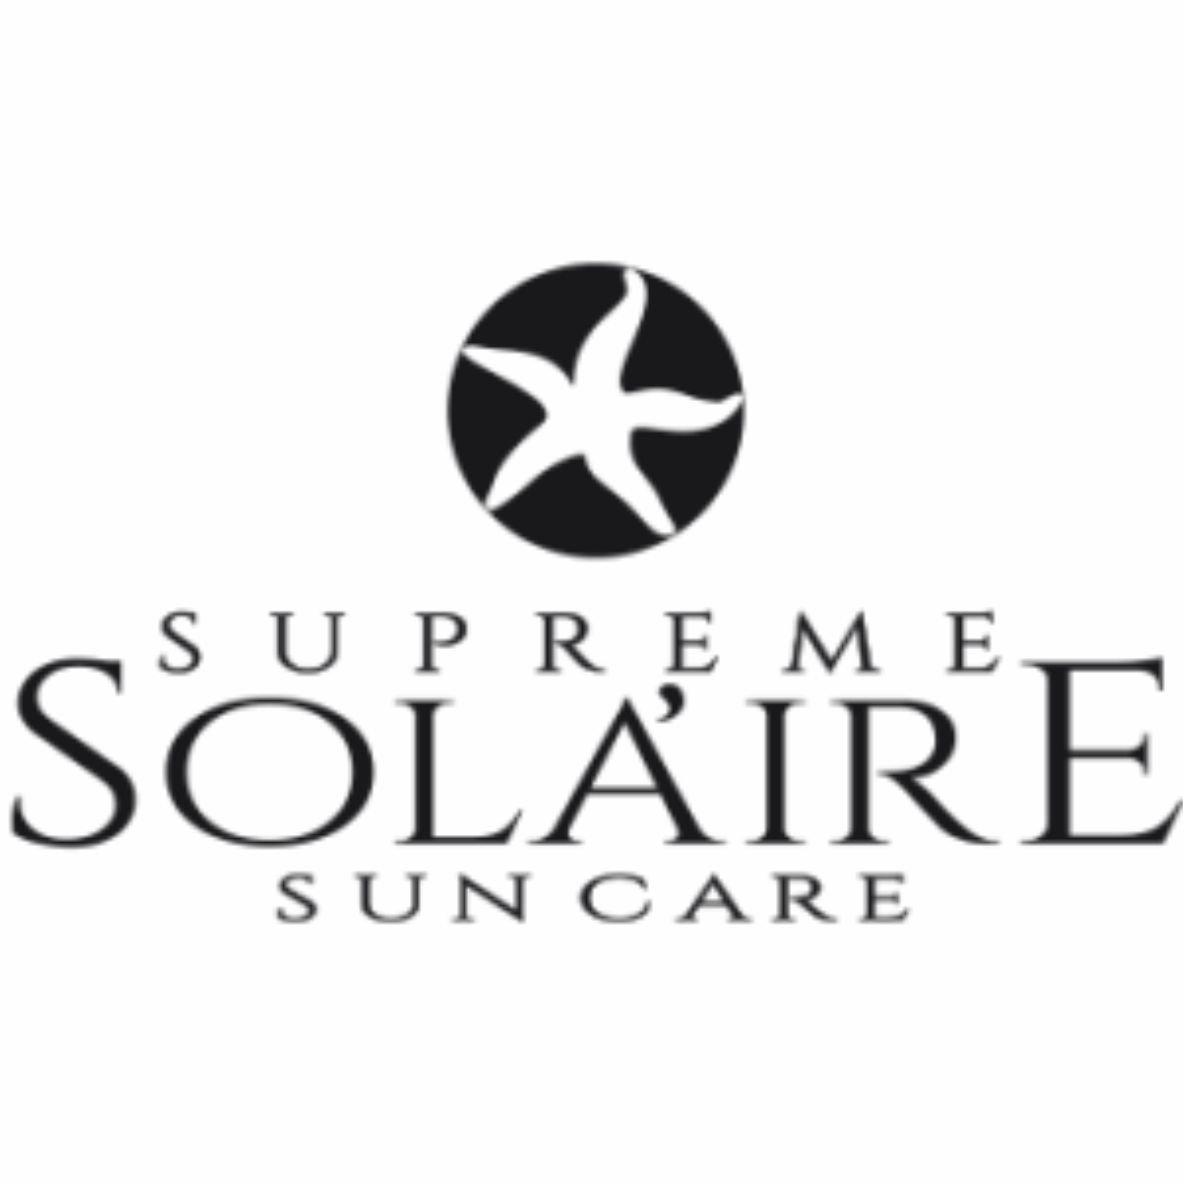 SUPREME SOLAIRE SUN CARE